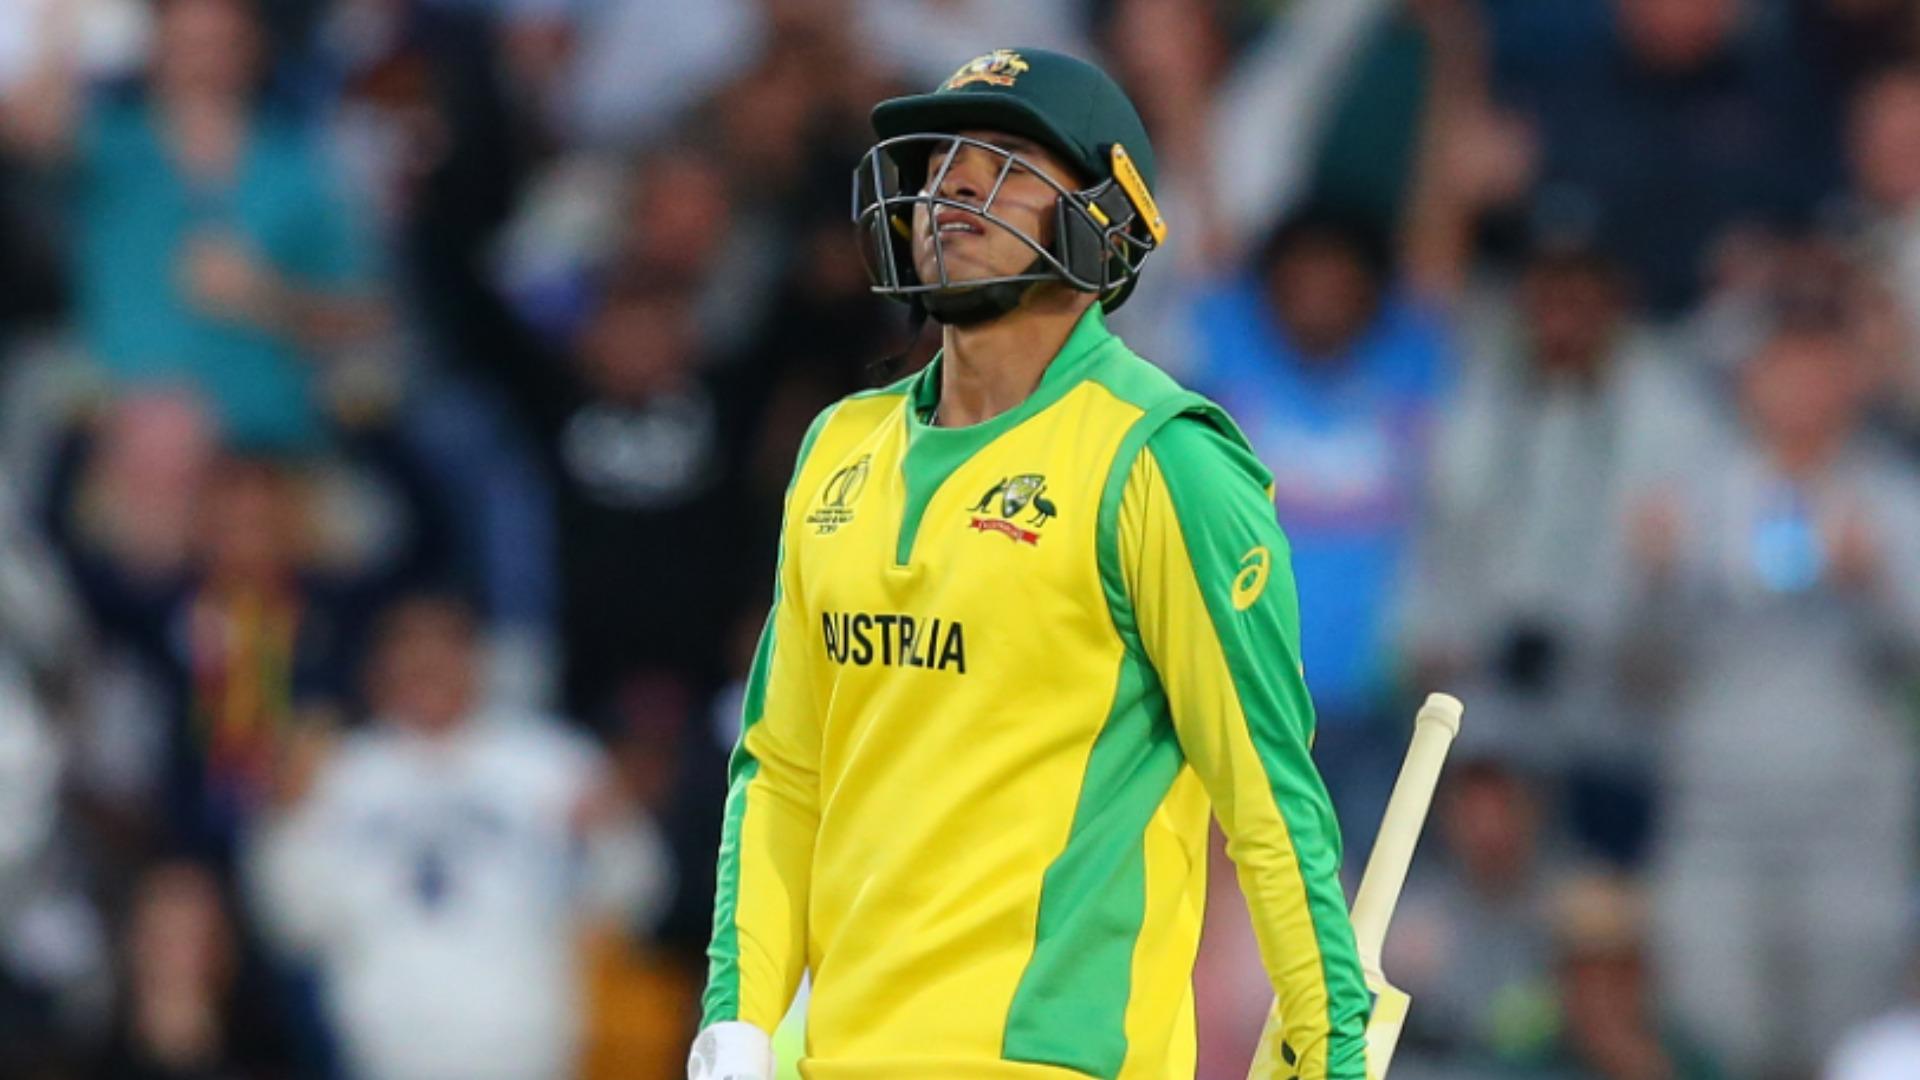 WORLD CUP 2019: ऑस्ट्रेलिया को लगा बड़ा झटका उस्मान ख्वाजा को टूर्नामेंट से बाहर 15